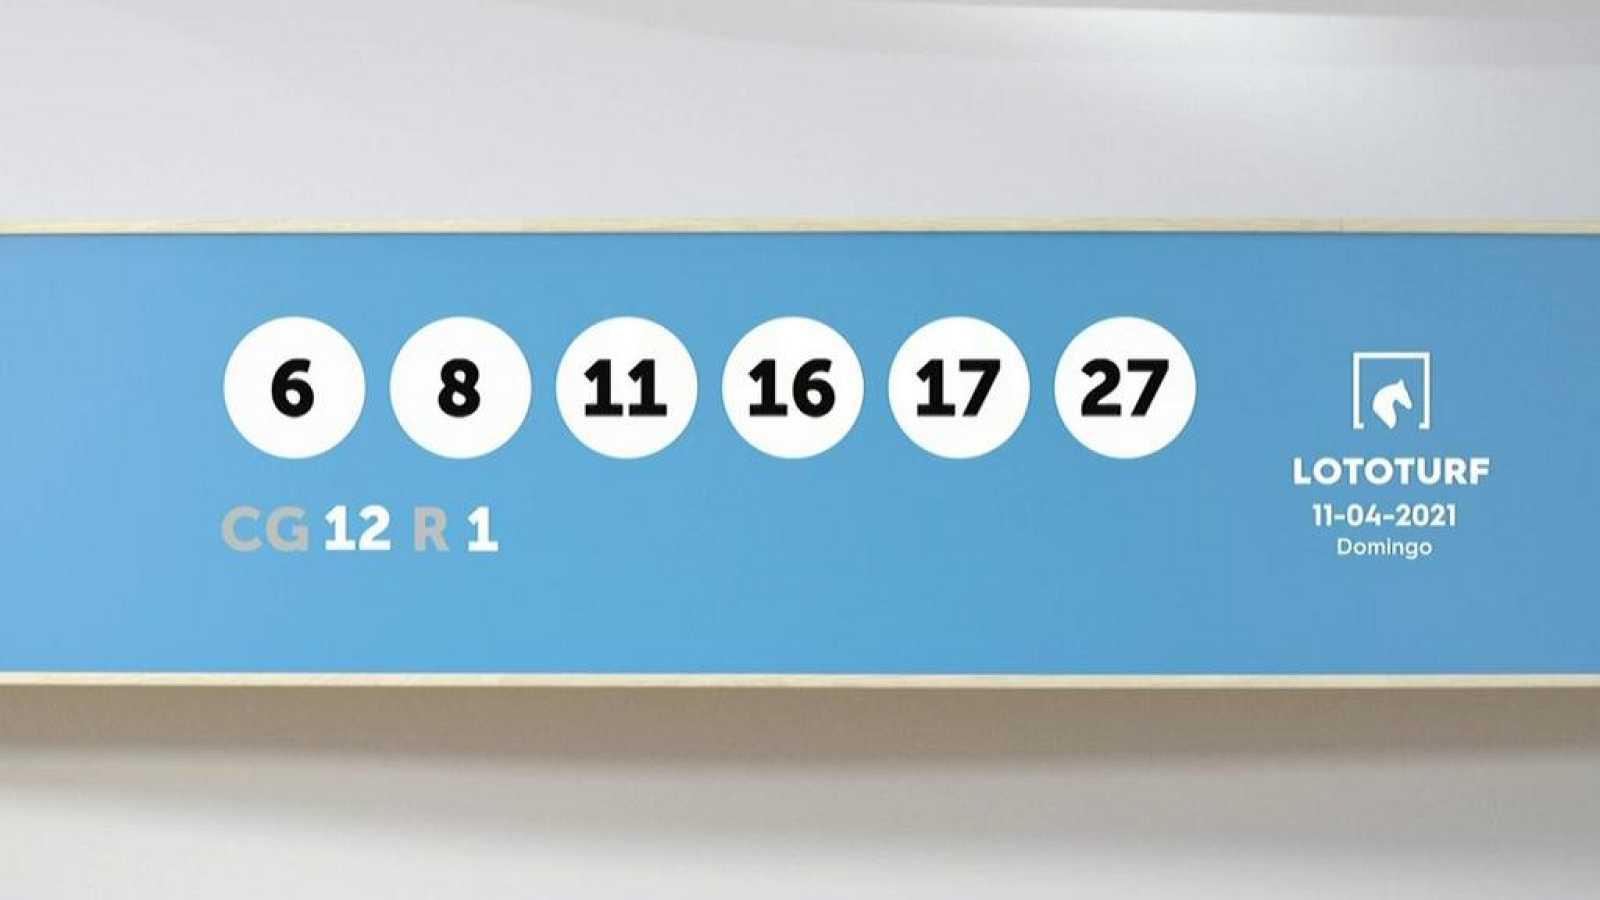 Sorteo de la Lotería Lototurf del 11/04/2021 - Ver ahora